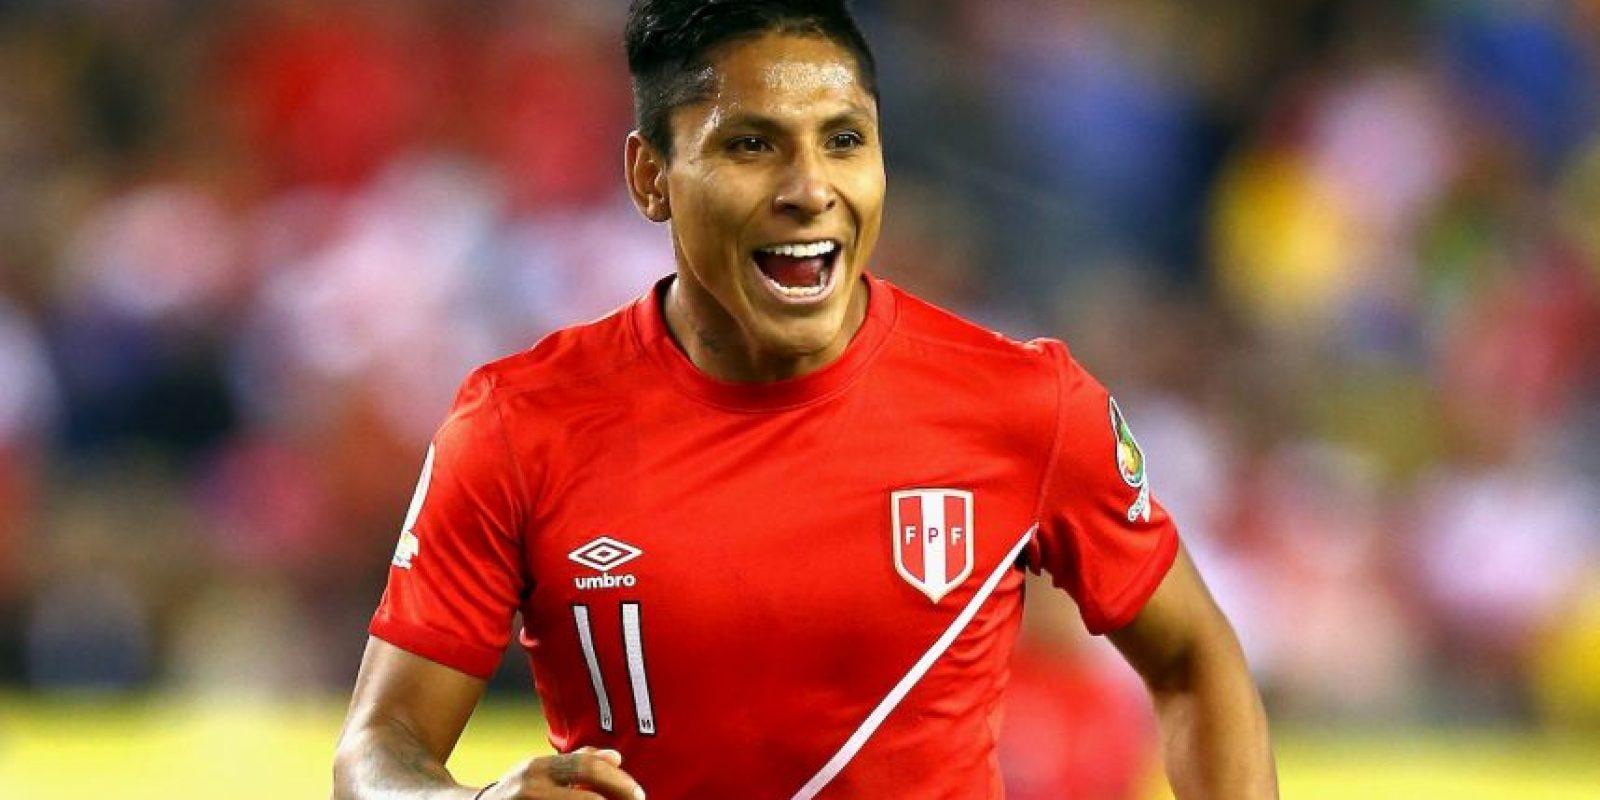 Raúl Ruidíaz estuvo en el centro de la polémica tras marcar con la mano el gol que les dio la clasificación a cuartos y dejó fuera a Brasil Foto:Getty Images